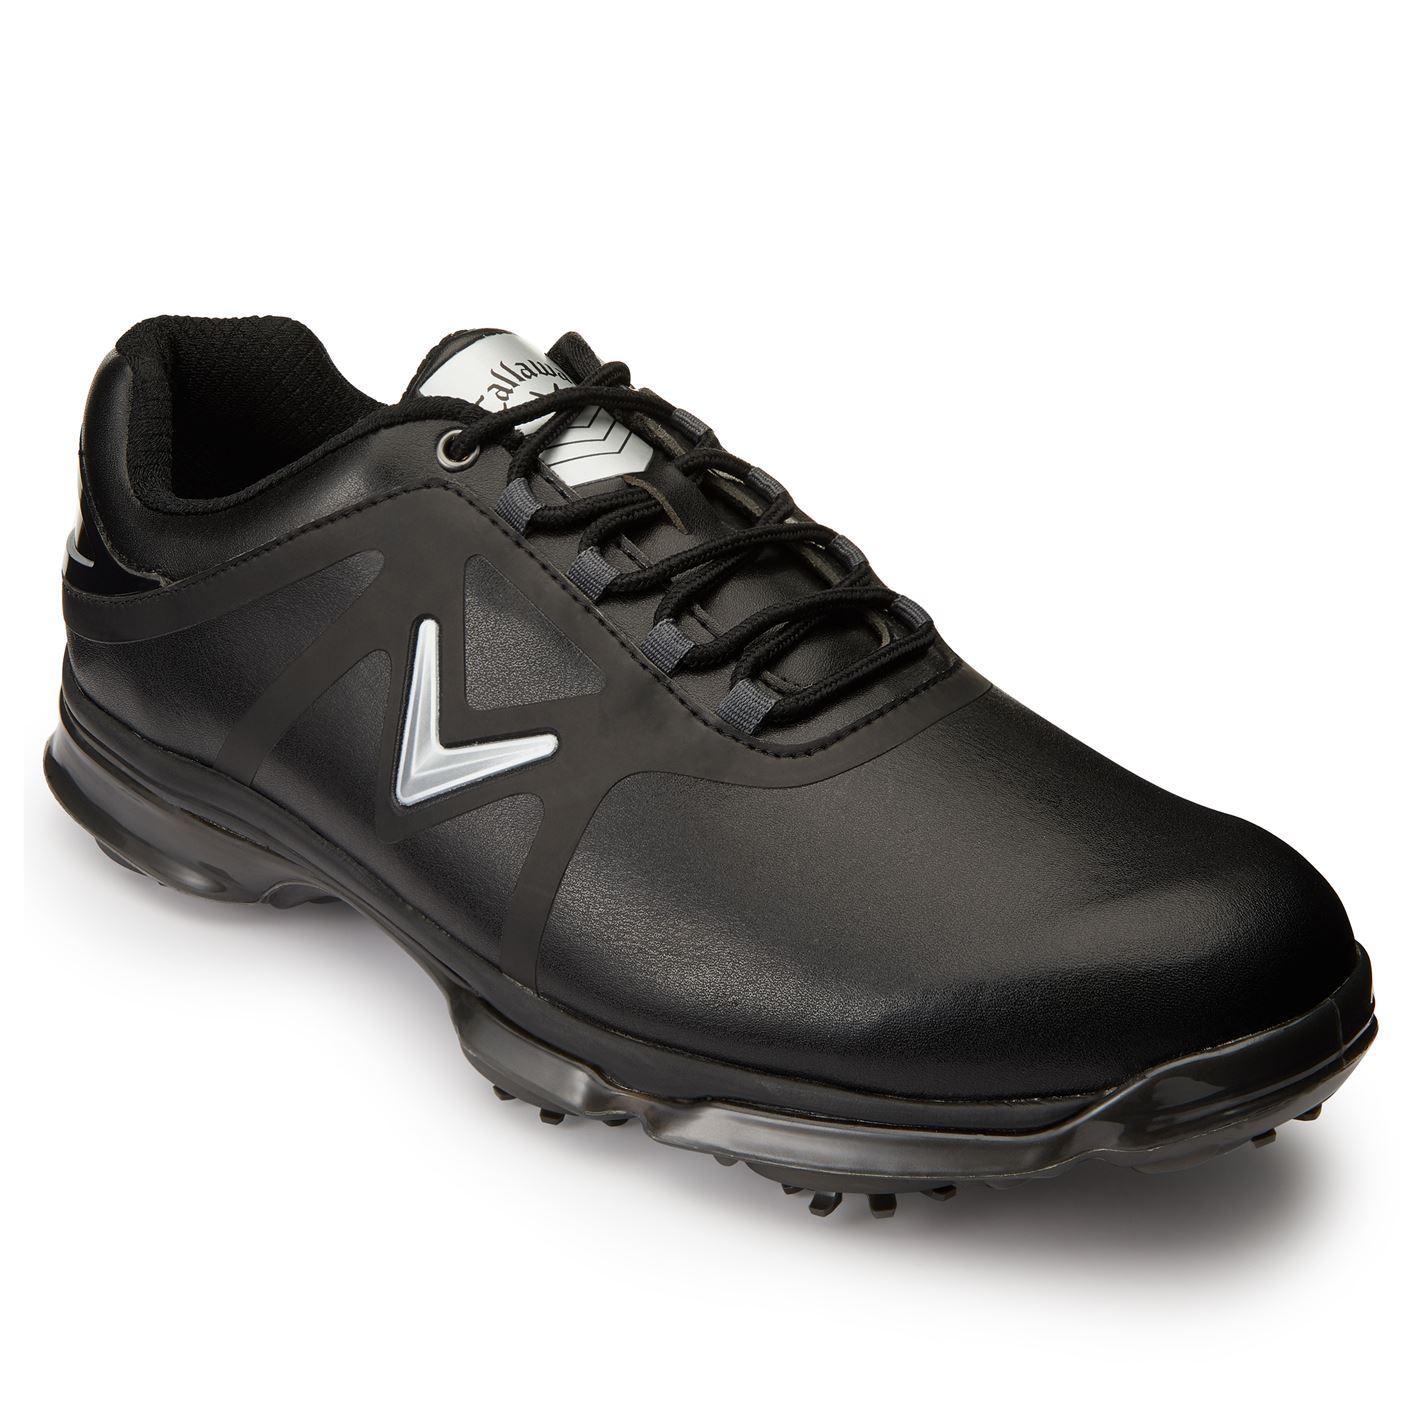 Callaway-XTT-Comfort-Spiked-Golf-Shoes-Mens-Spikes-Footwear thumbnail 10